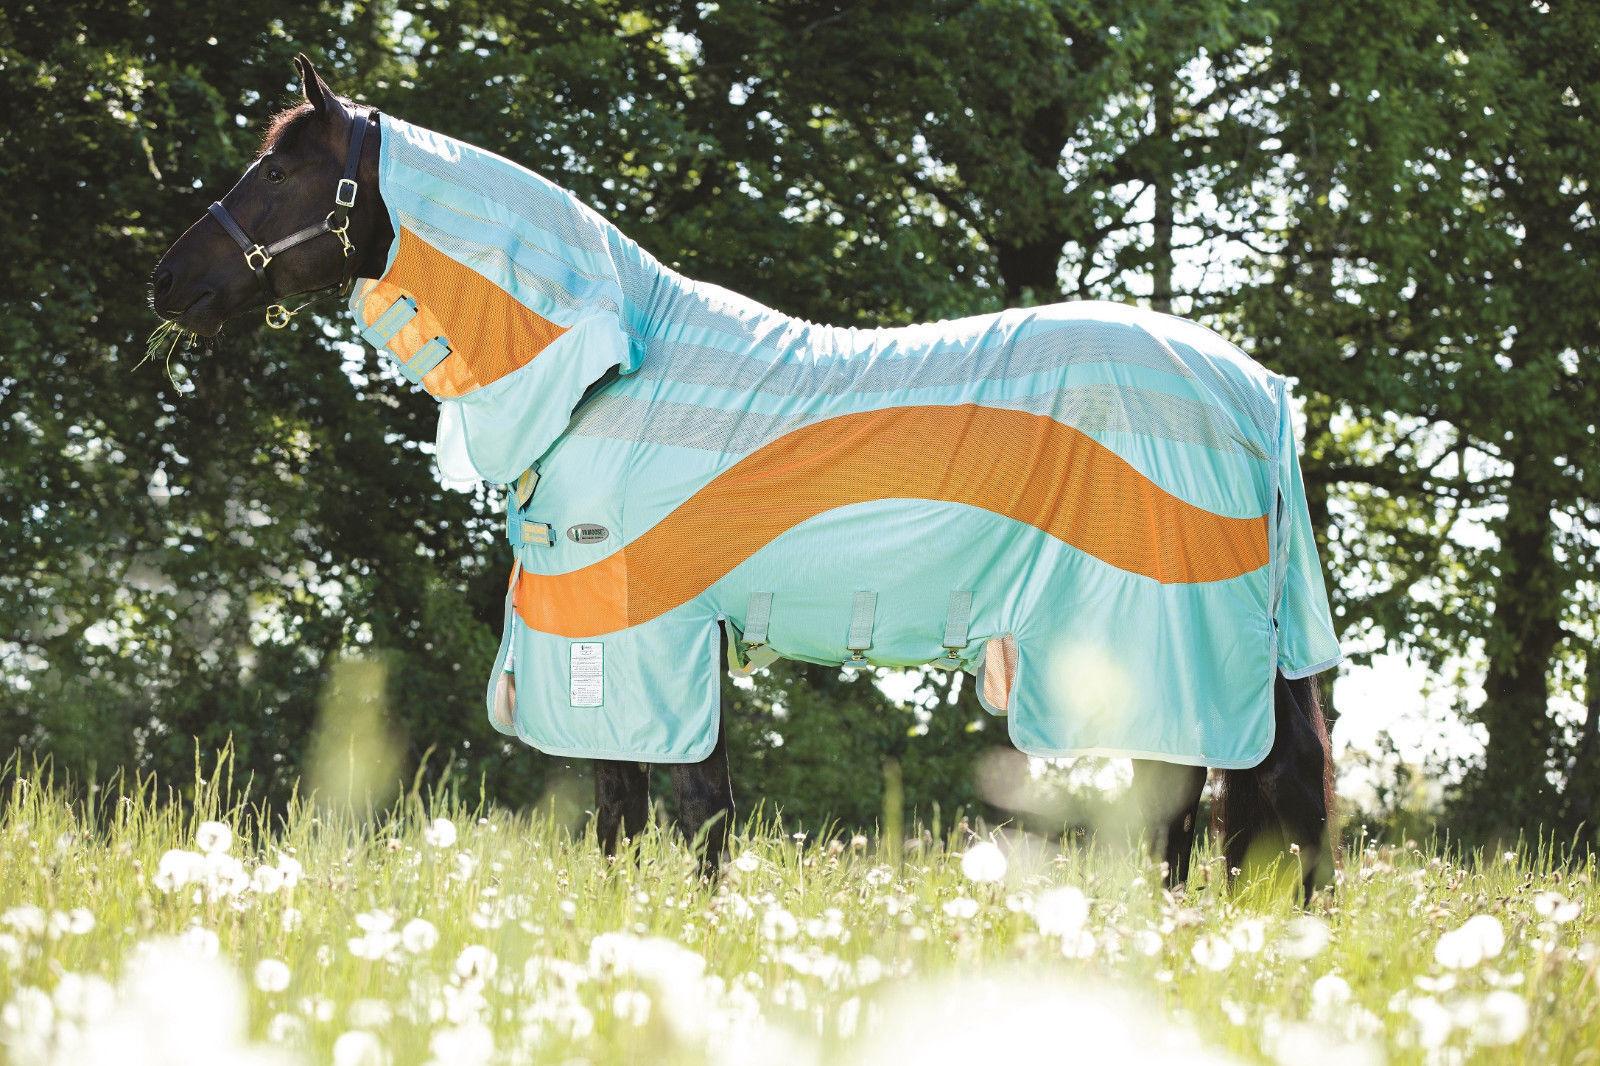 %Horseware Amigo Evolution Vamoose NEU-sehr starke starke starke Insektenabwehr Fliegendecke 03368b